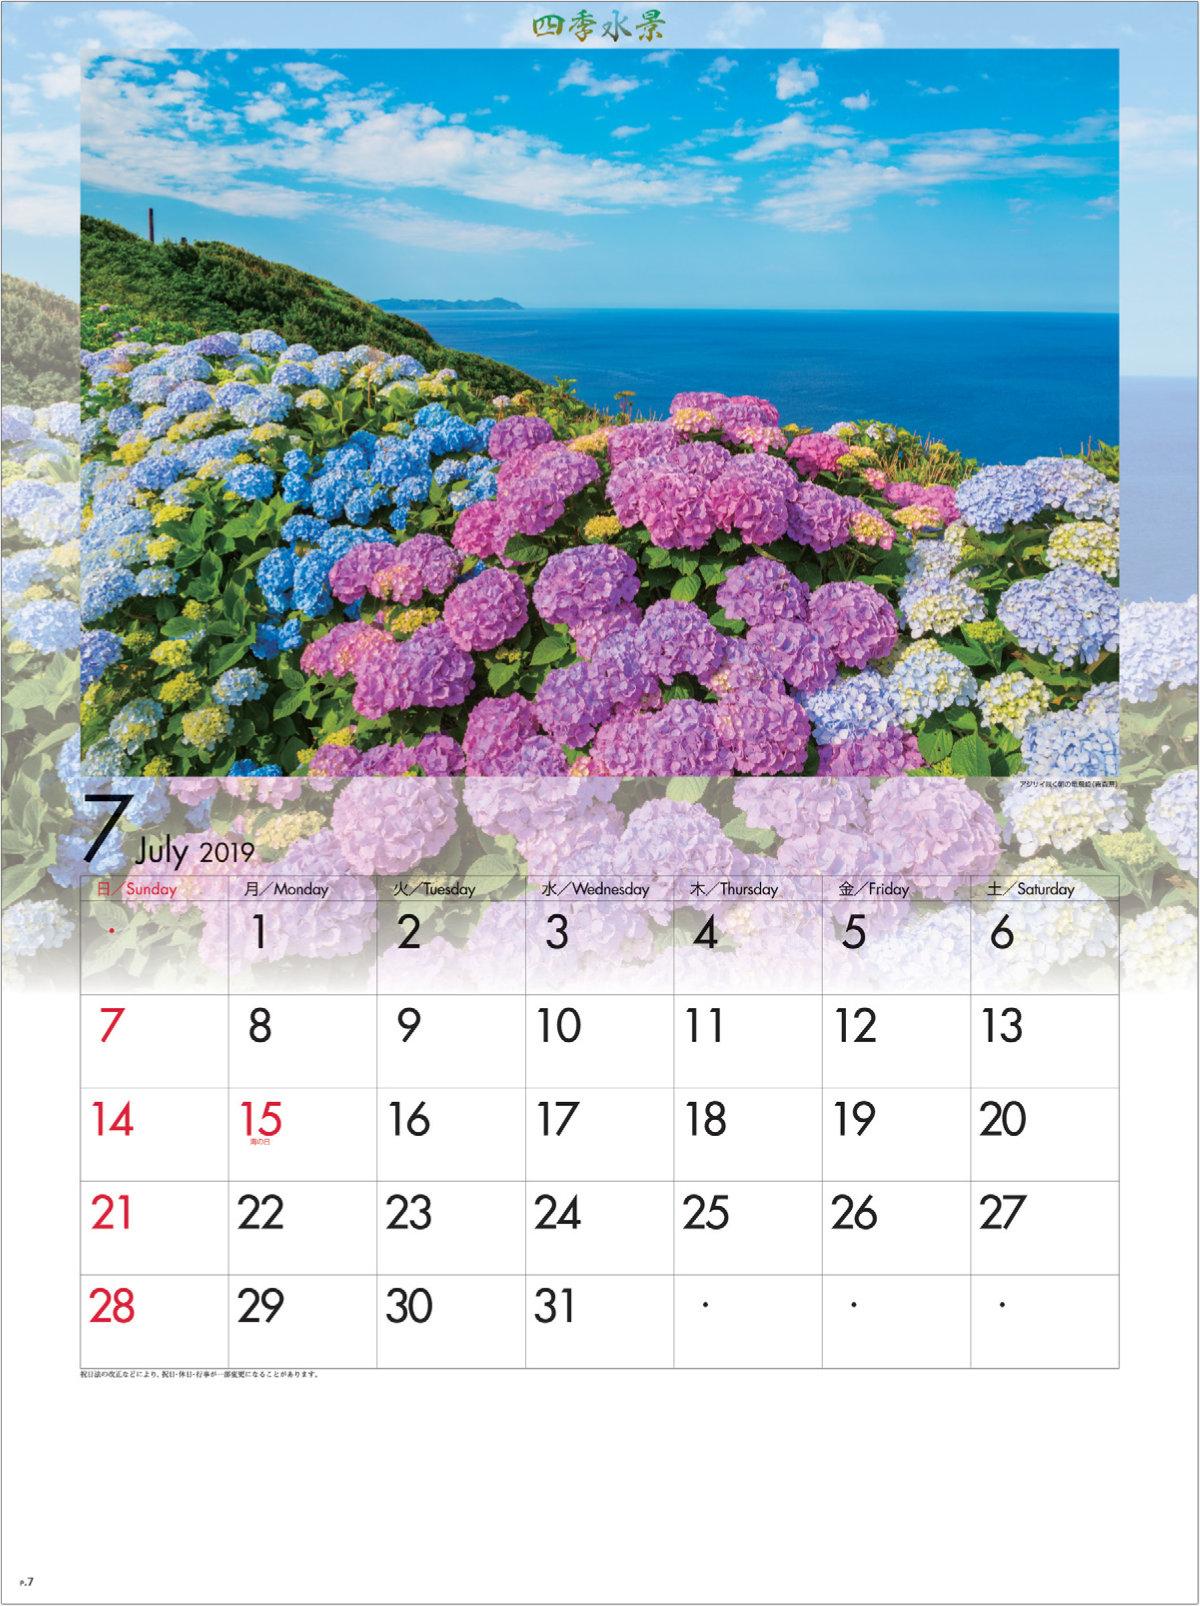 画像:青森県 竜飛崎の紫陽花 四季水景 2019年カレンダー